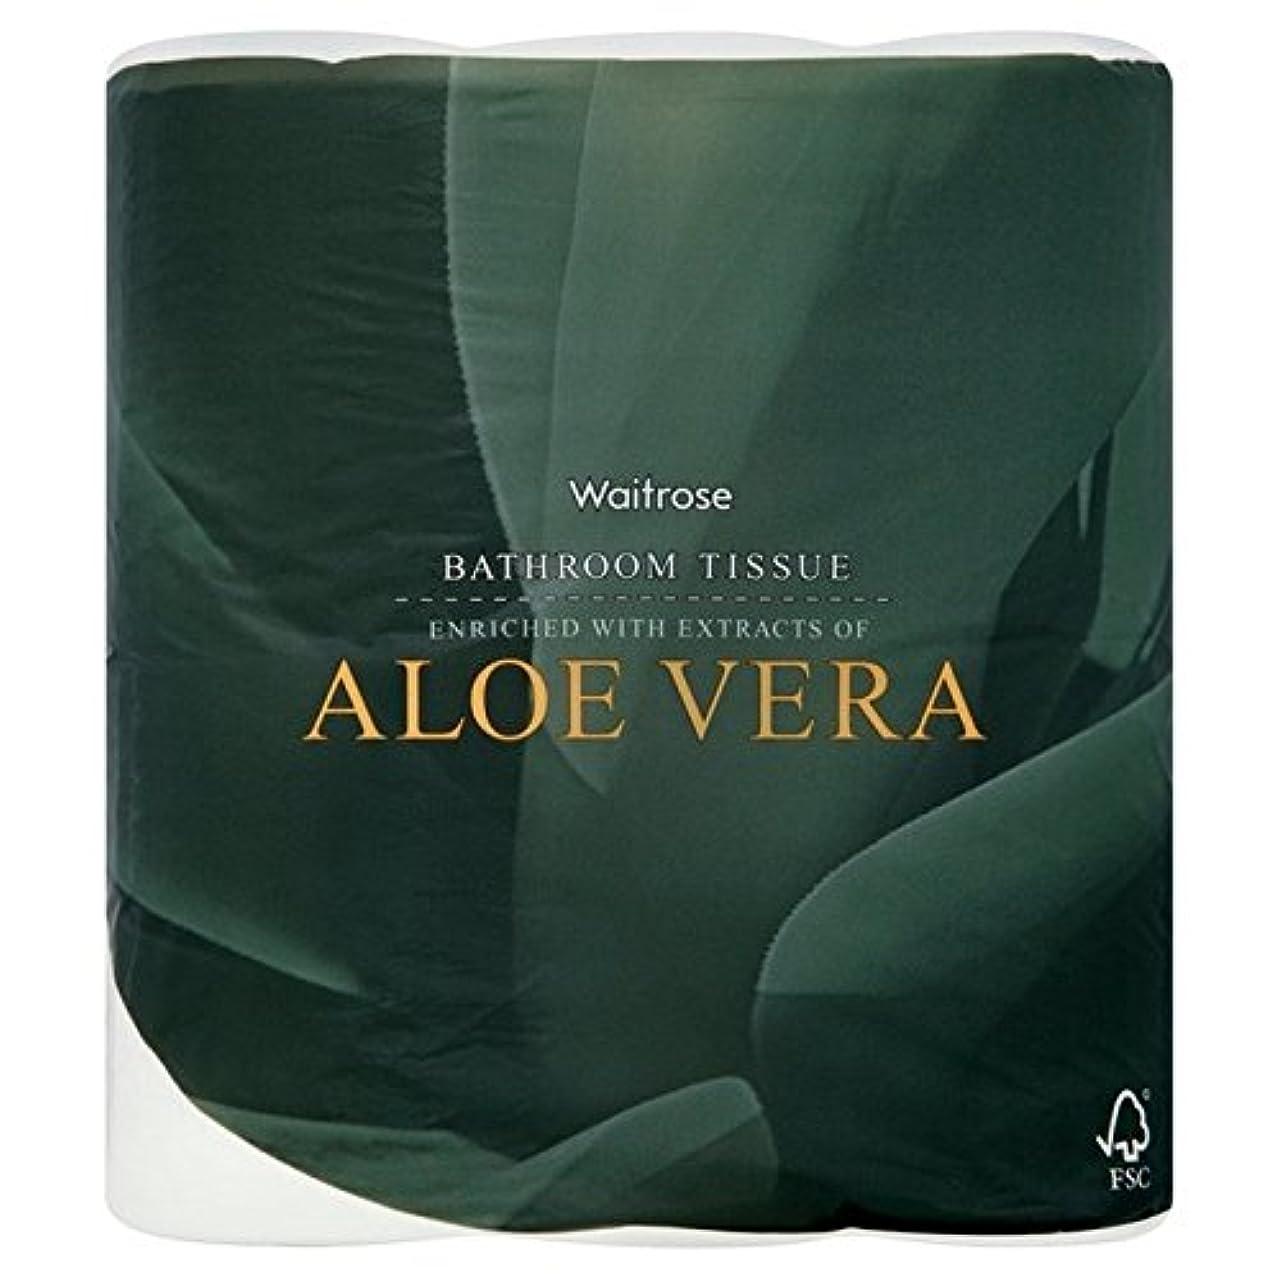 ペネロペ保証金彼らのものパックあたりアロエベラ浴室組織白ウェイトローズ4 x4 - Aloe Vera Bathroom Tissue White Waitrose 4 per pack (Pack of 4) [並行輸入品]